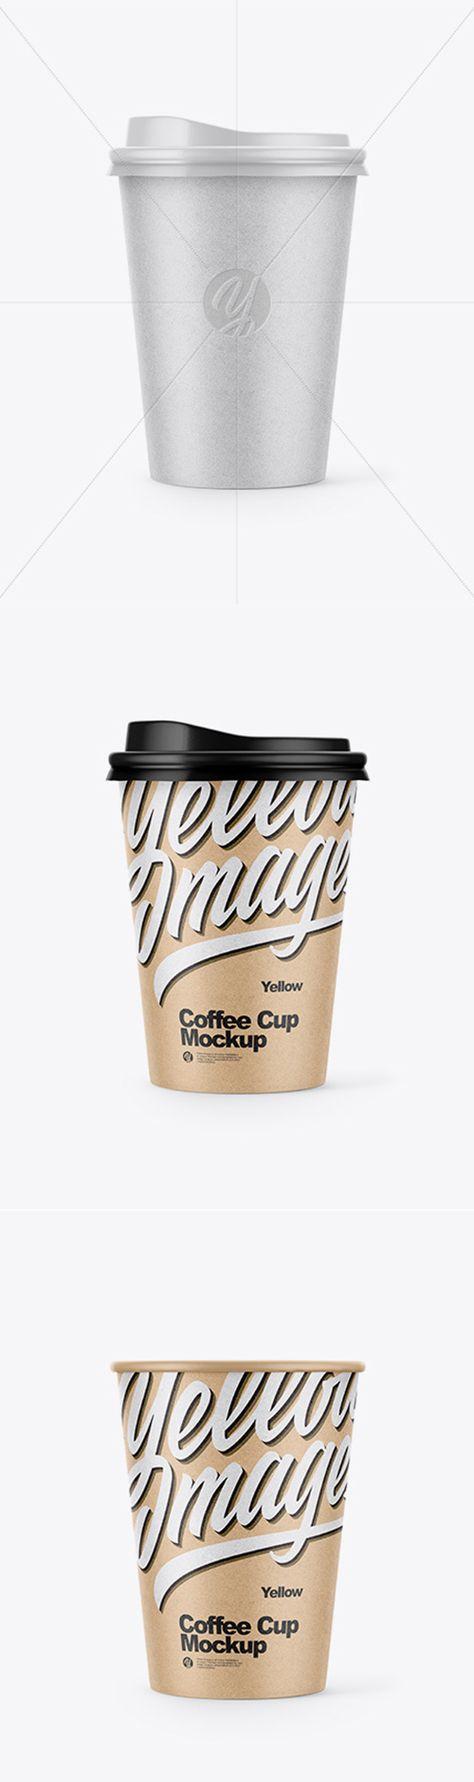 Kraft Paper Coffee Cup Mockup 42971 TIF